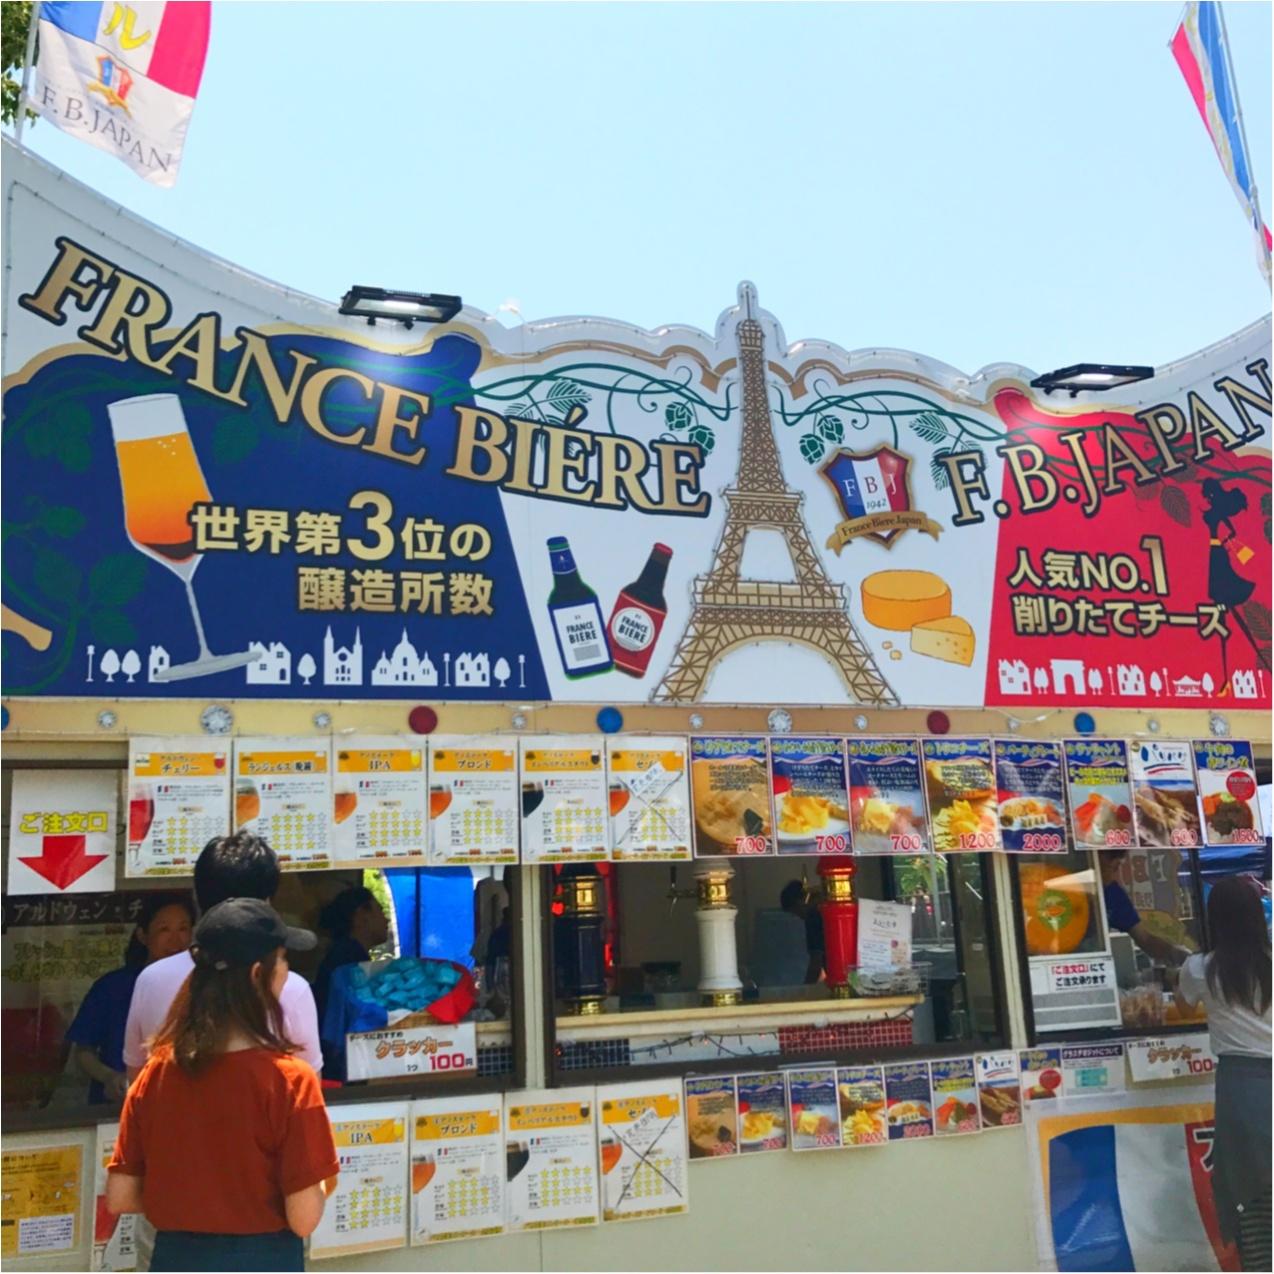 《外ビールがおいしい季節♡》日本最大級!世界中のビールが飲める【ヒビヤガーデン】_2